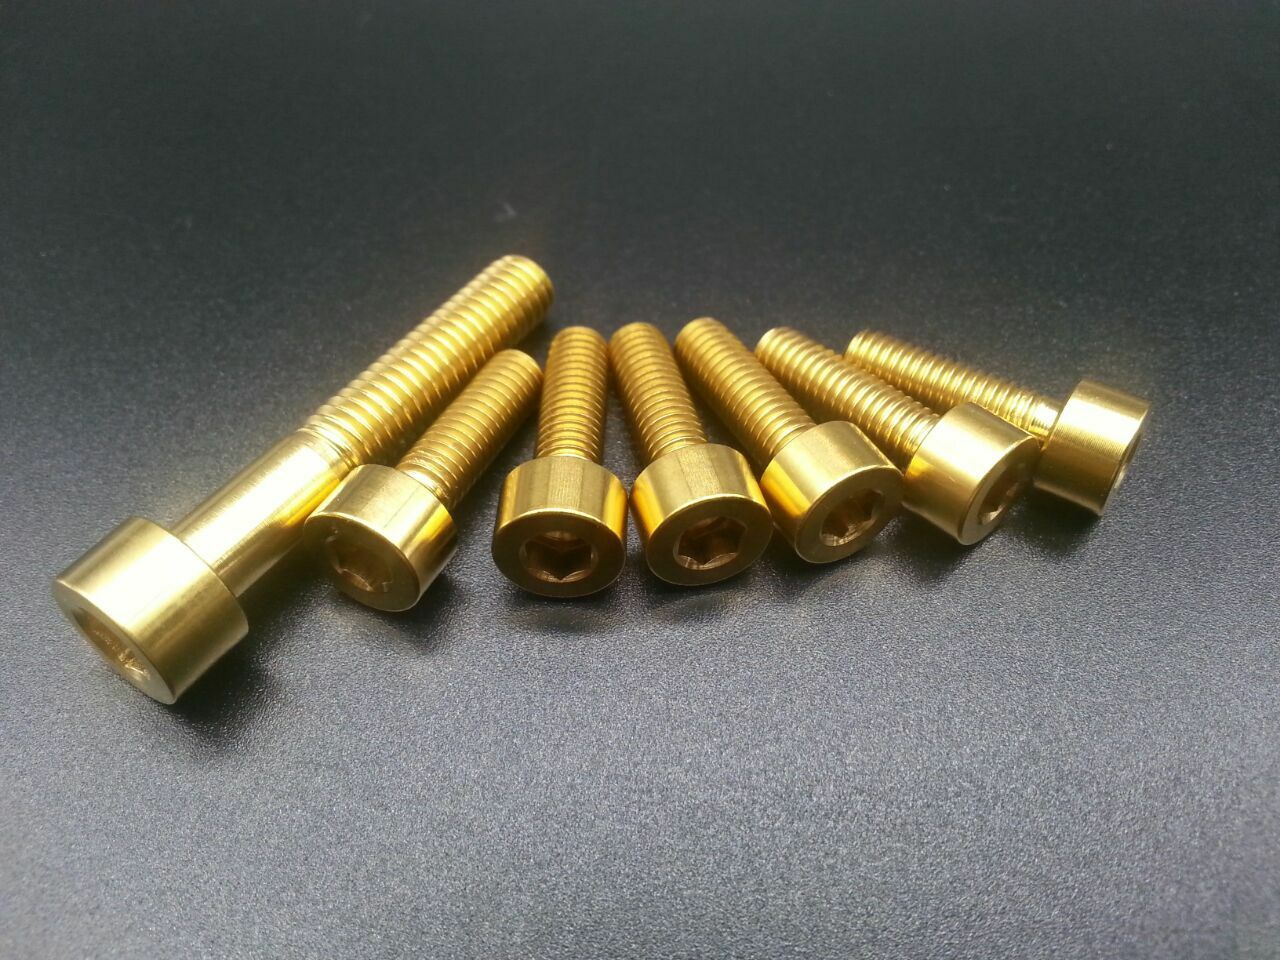 6 un. M5x16 & 1 un. M6x35mm Titanio Ti Cabeza Hexagonal Tapa De Enchufe Pernos Allen Tornillo De oro